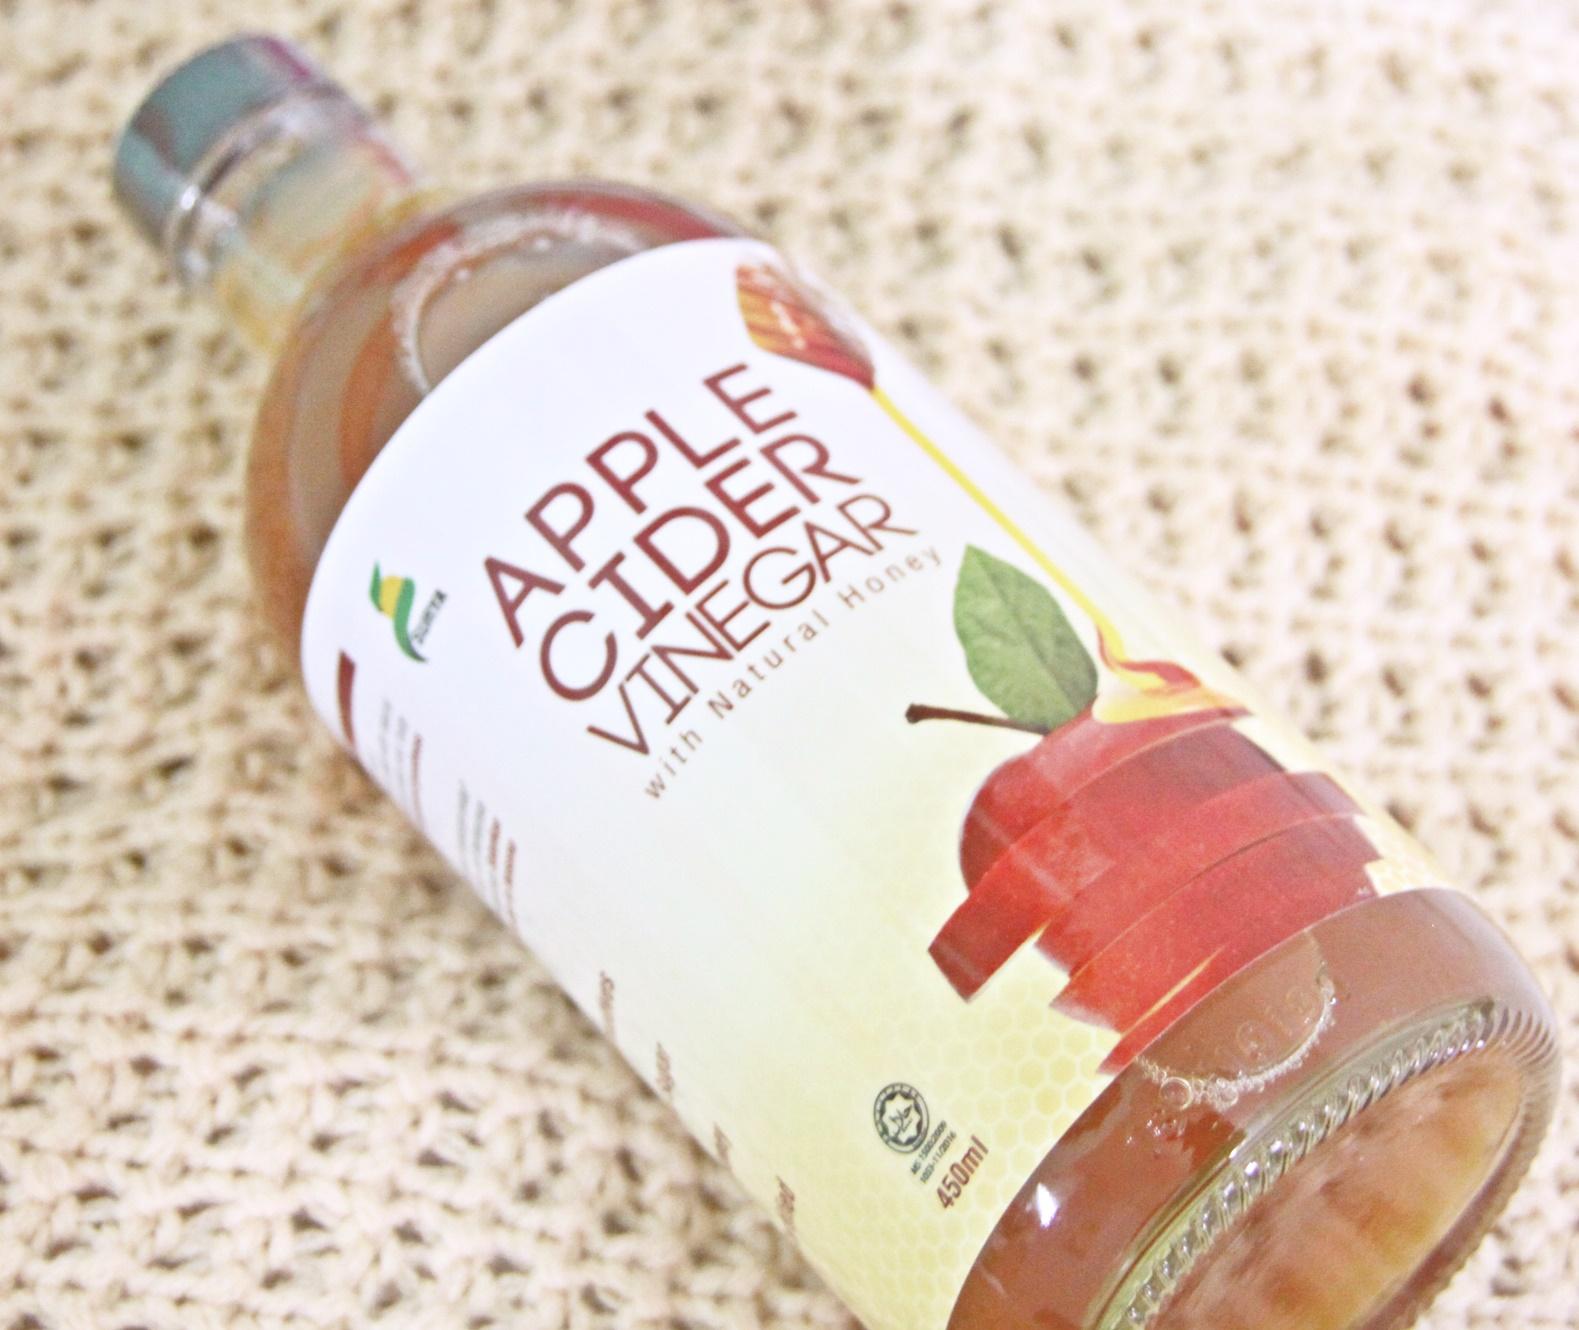 Apple Cider Vinegar: Apakah Benar-Benar Sehat?